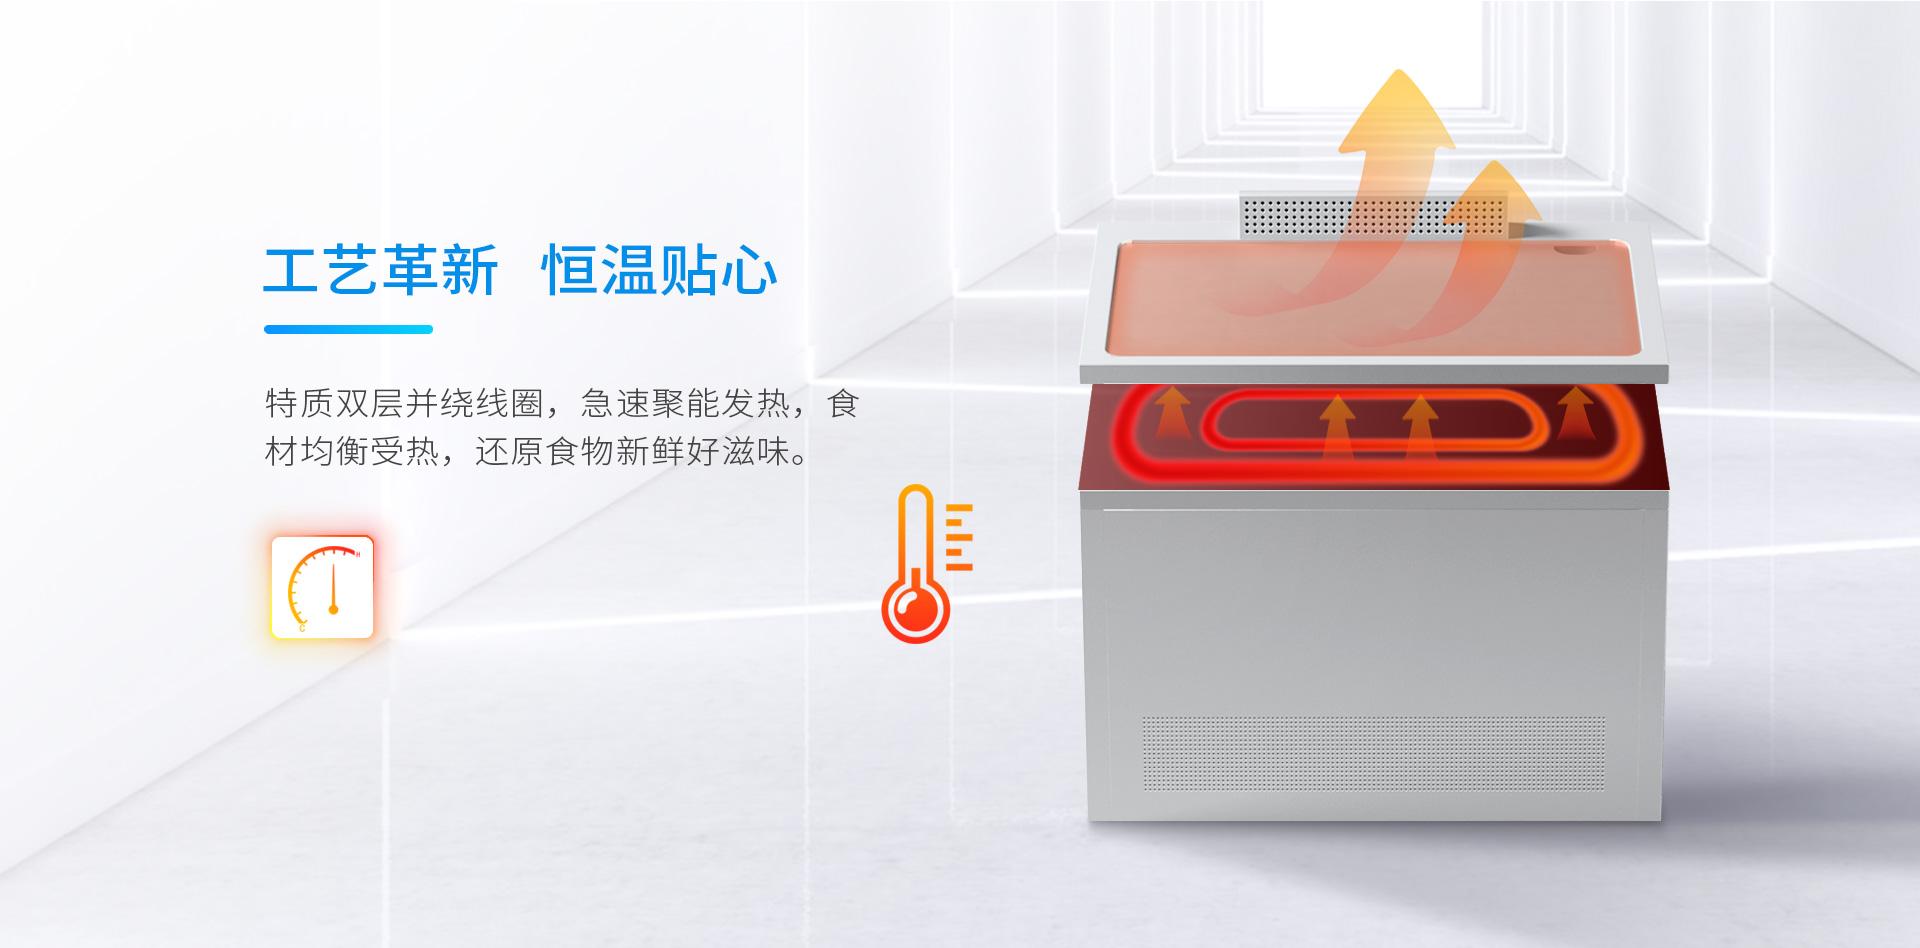 壹指蓝零排放铁板烧,特质双层并绕线圈,急速聚能发热,食材均衡受热.